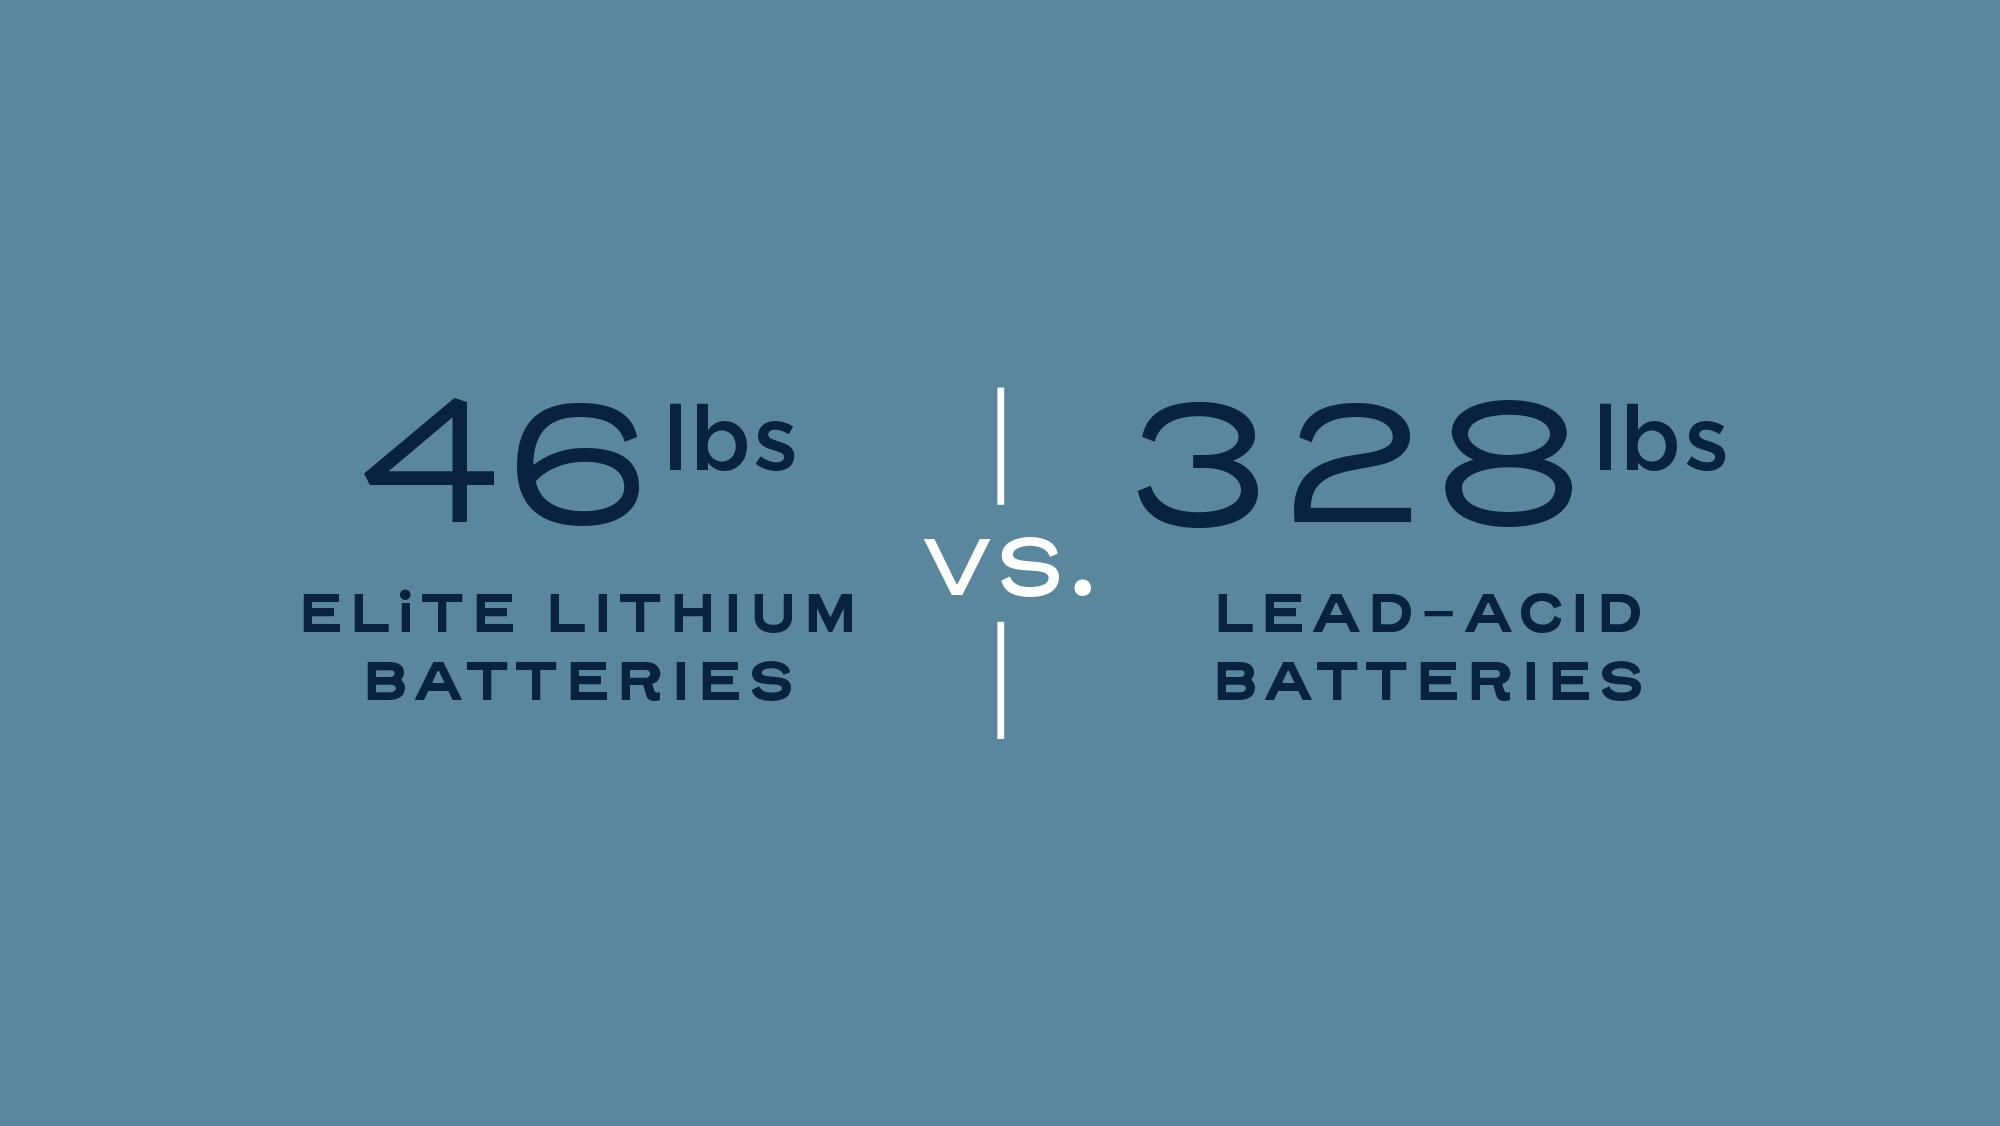 46 lbs vs 325 lbs